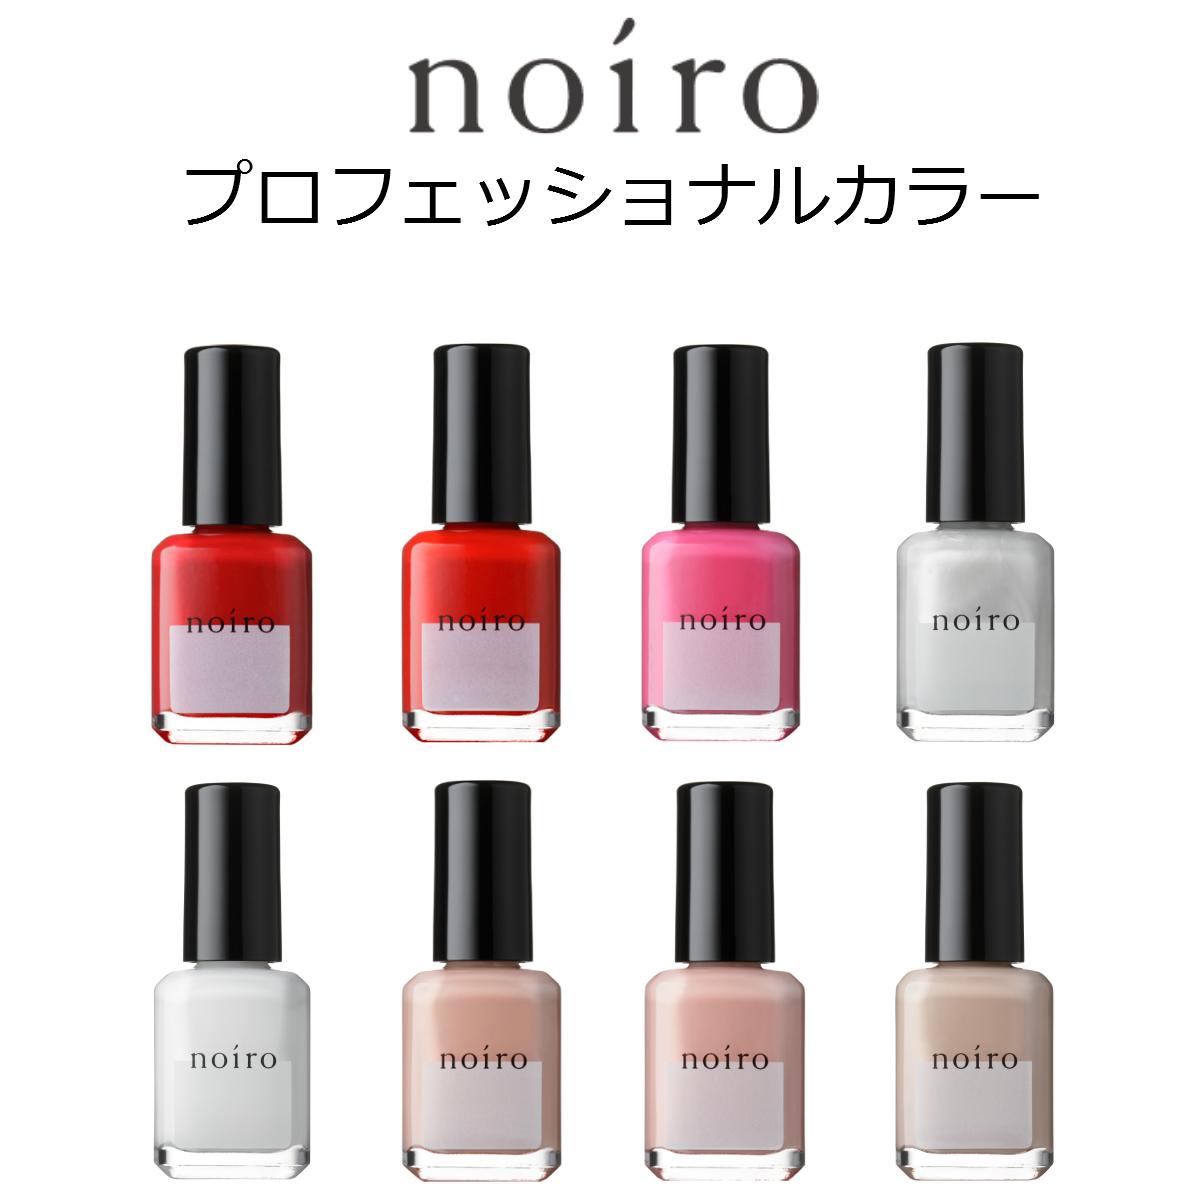 noiro ノイロ ネイルカラー 11ml プロフェッショナル 検定 コンペティション 爪に 優しい マニキュア セルフネイル 指先 手 きれい